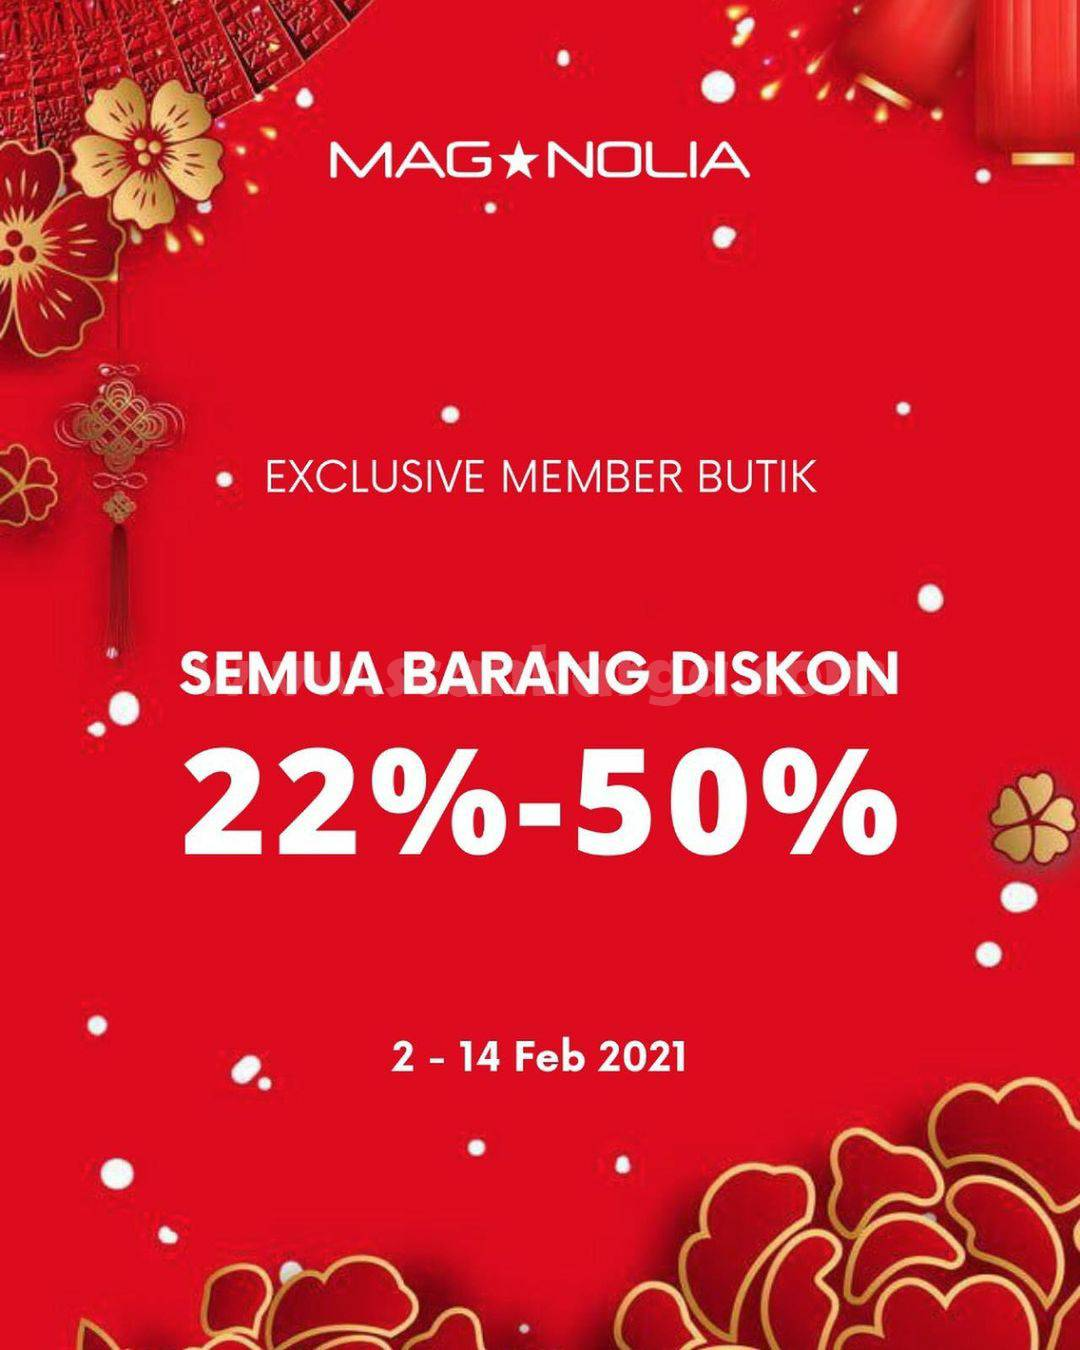 MAGNOLIA Promo EXCLUSIVE MEMBER! Semua Barang Diskon 22% -50%